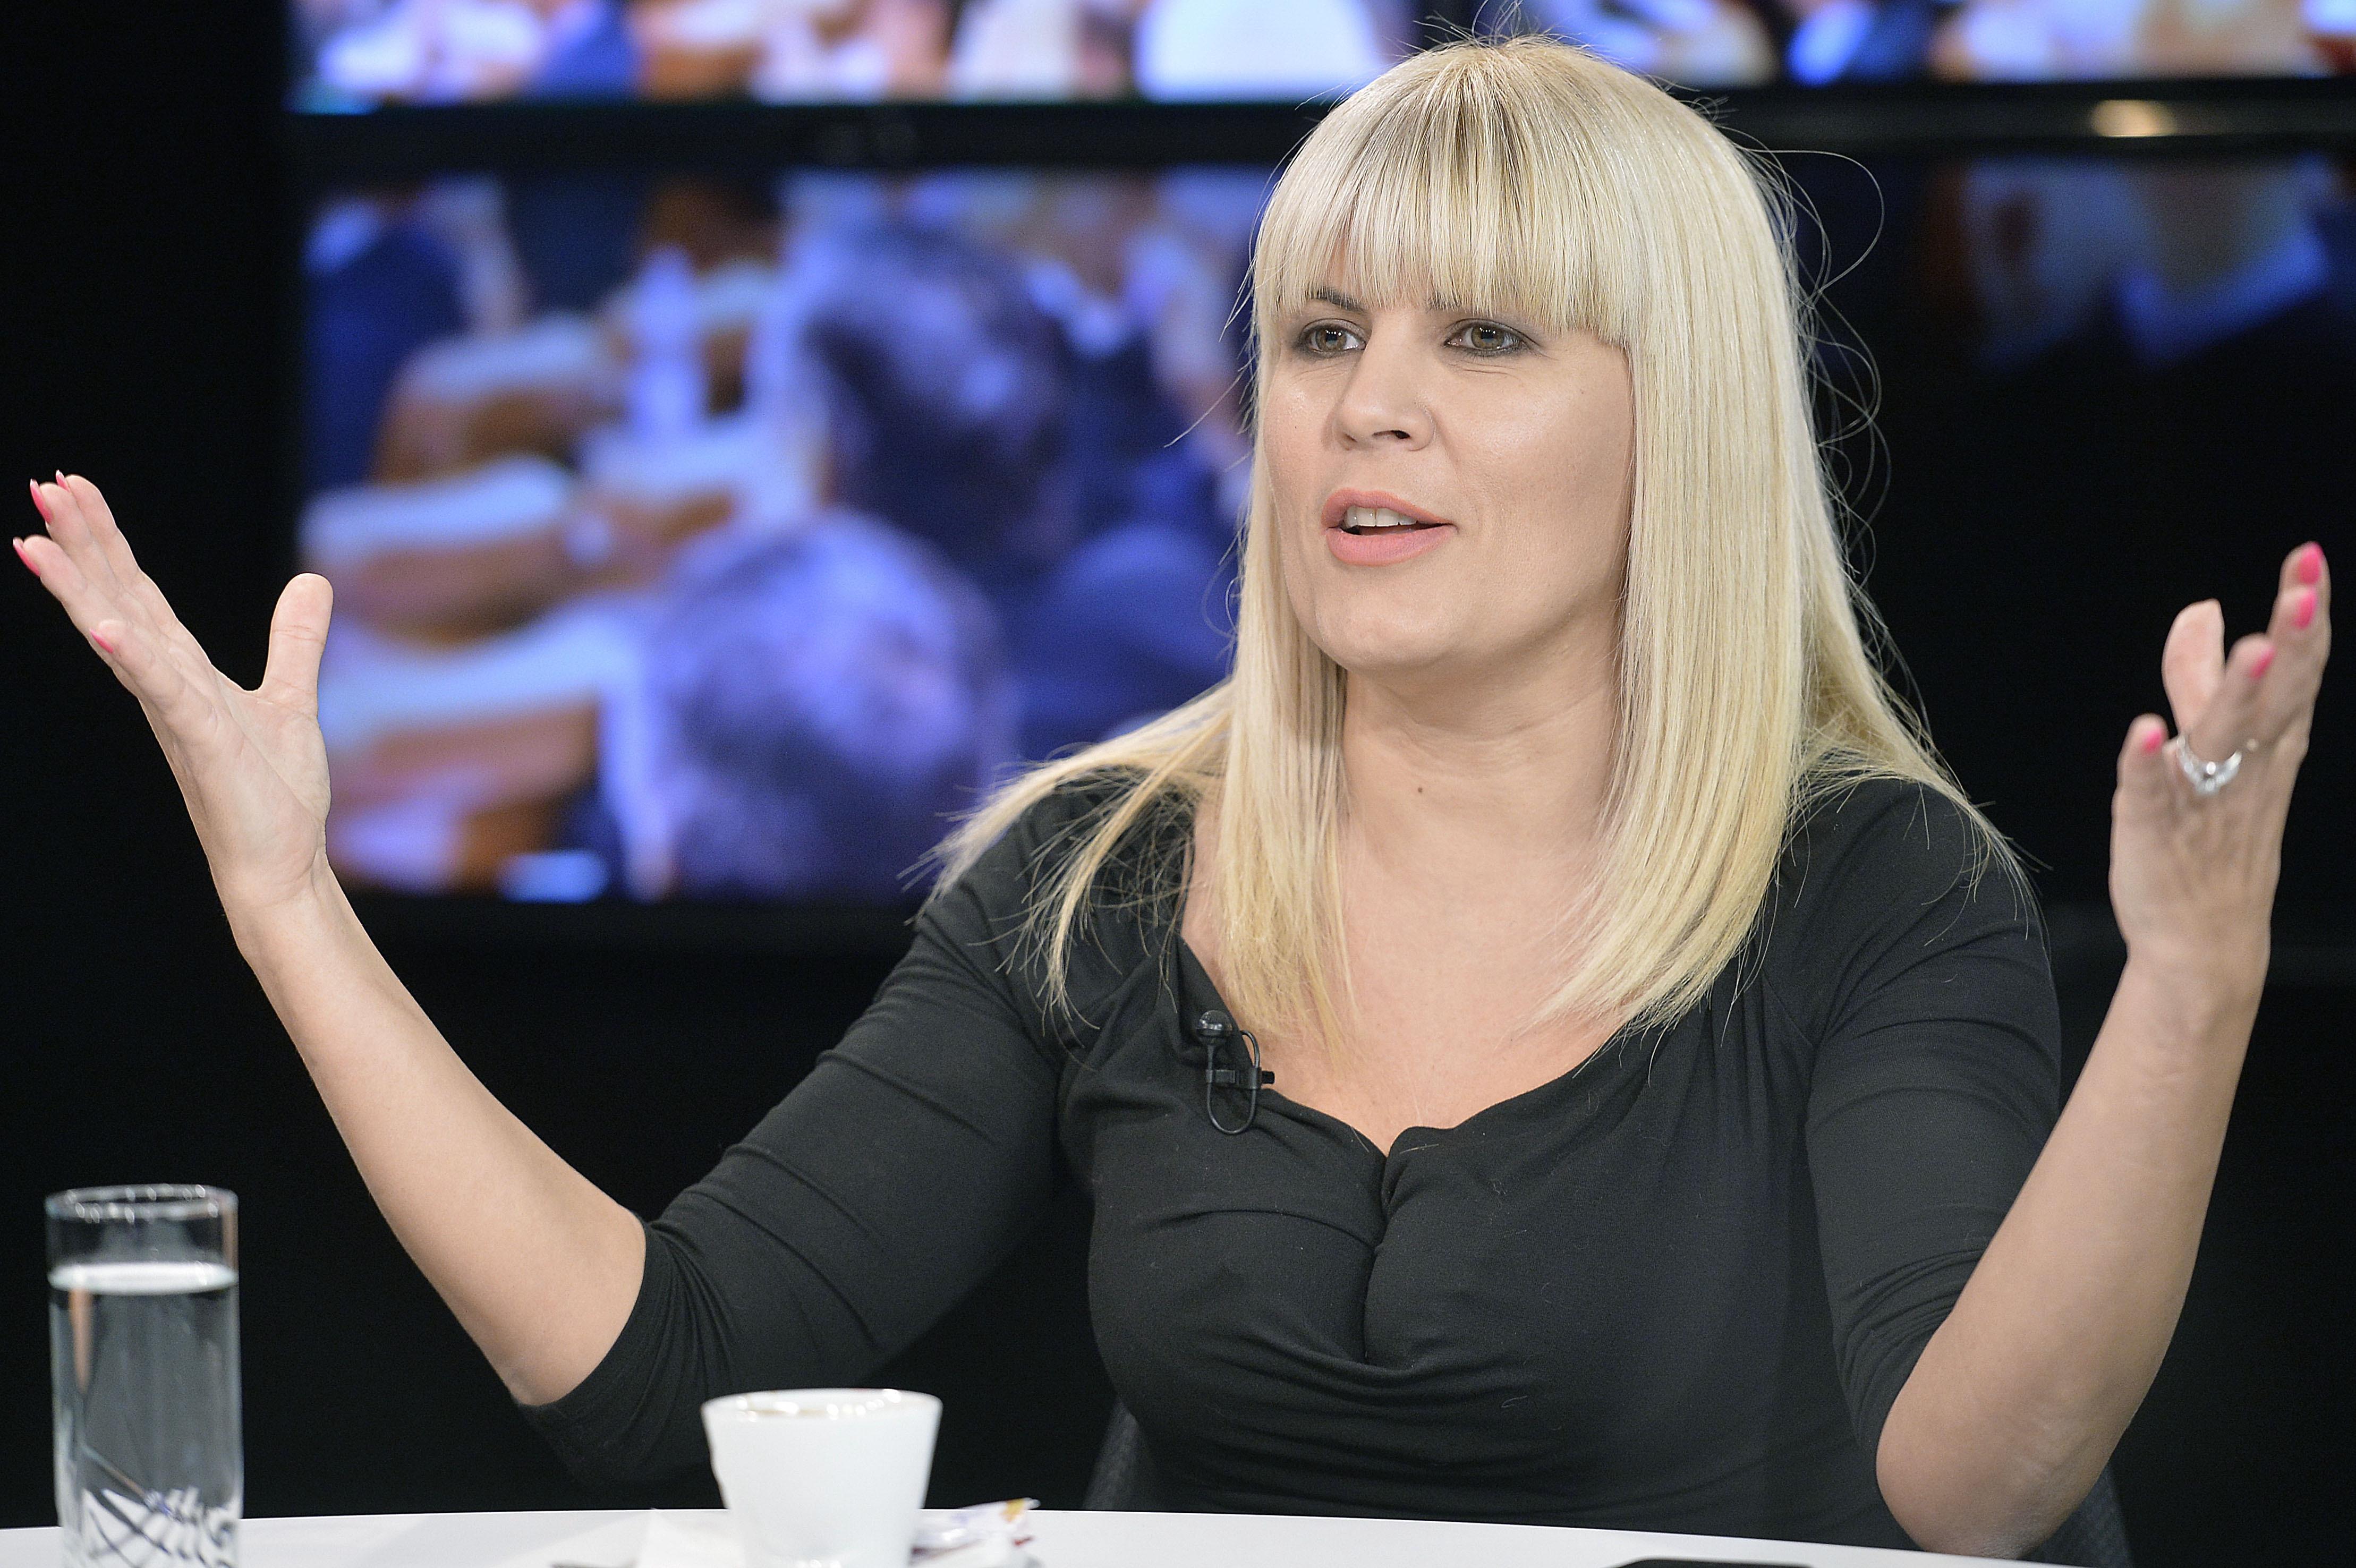 Urmărire penală in rem după ce Elena Udrea a reclamat că un martor a fost influenţat